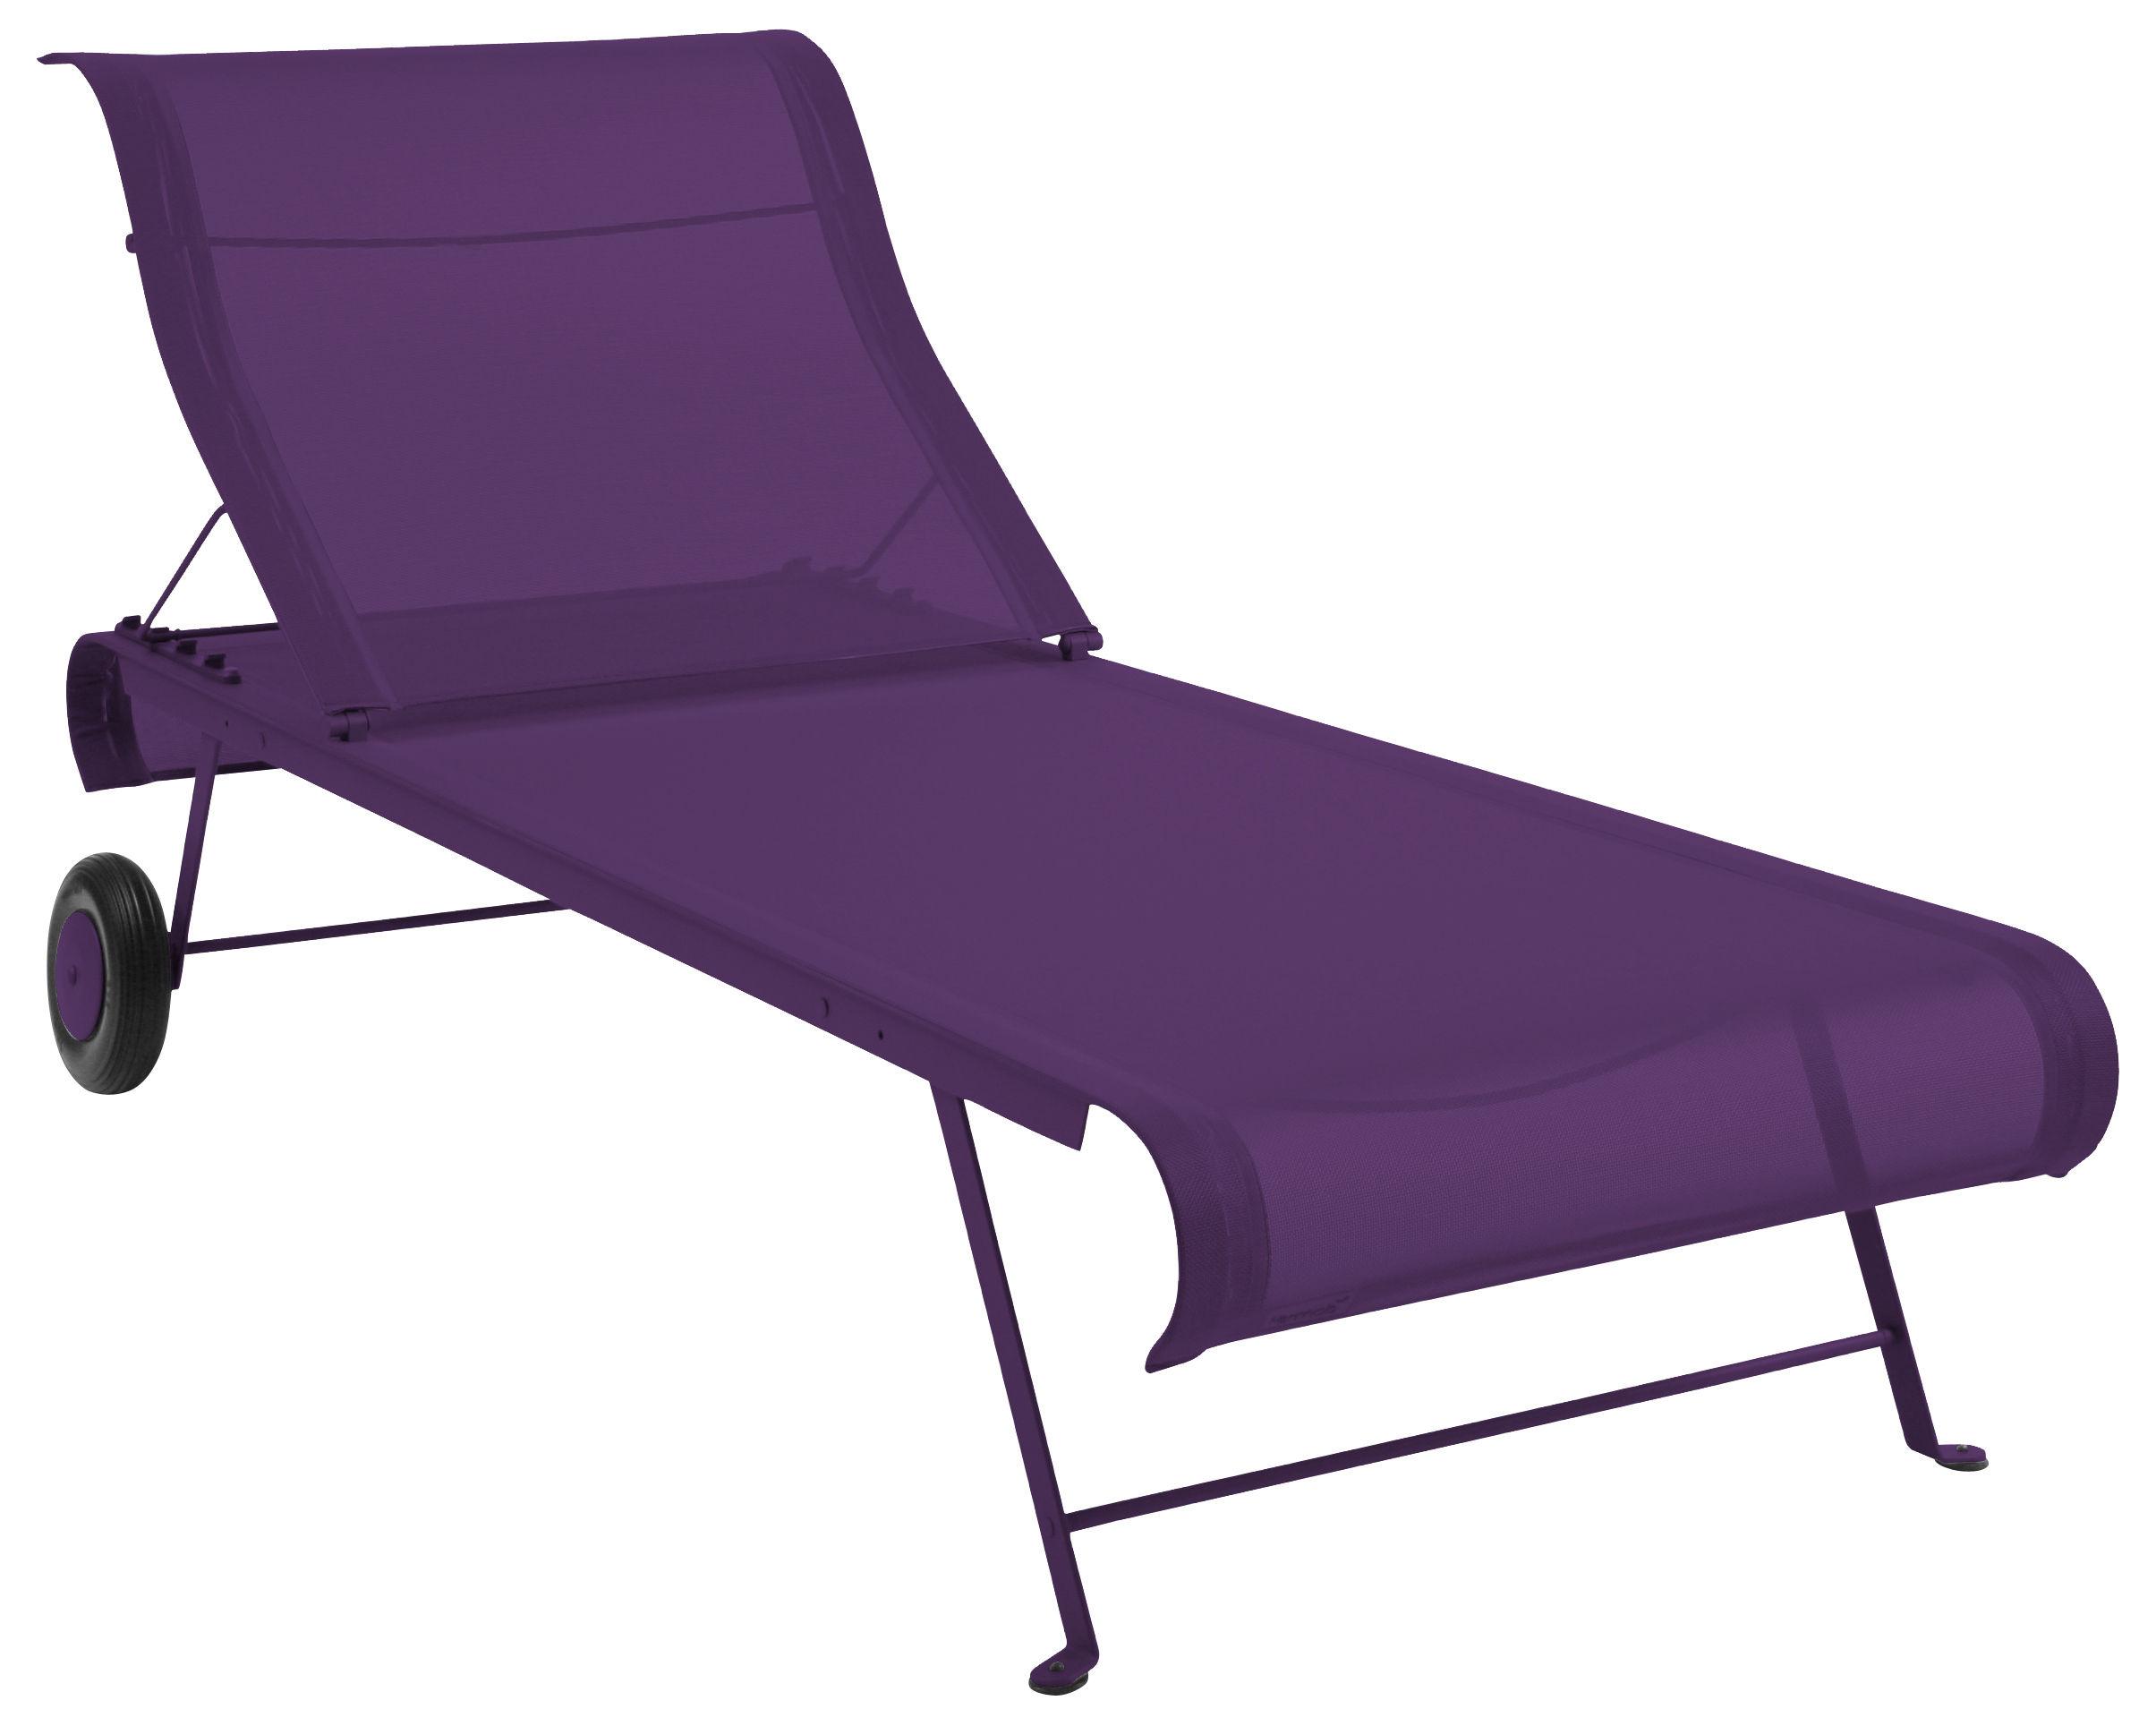 scopri chaise longue dune melanzana di fermob made in design italia. Black Bedroom Furniture Sets. Home Design Ideas